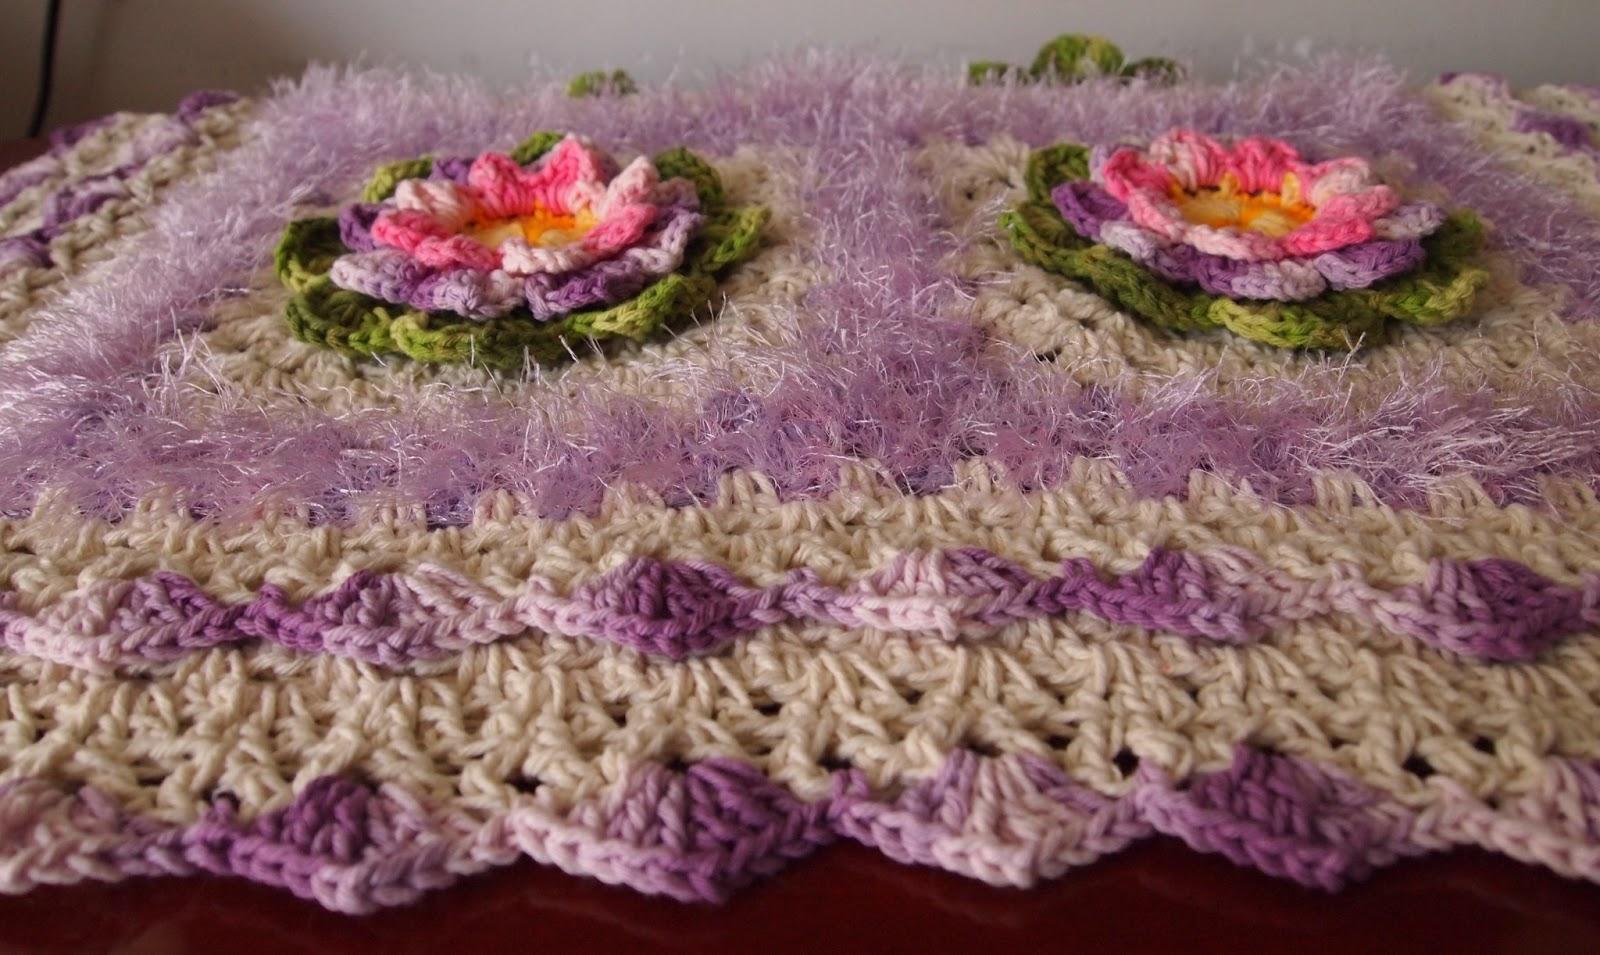 Fotos Flores Roxas E Lilas - Nomes de flores roxas Flor do Jardins